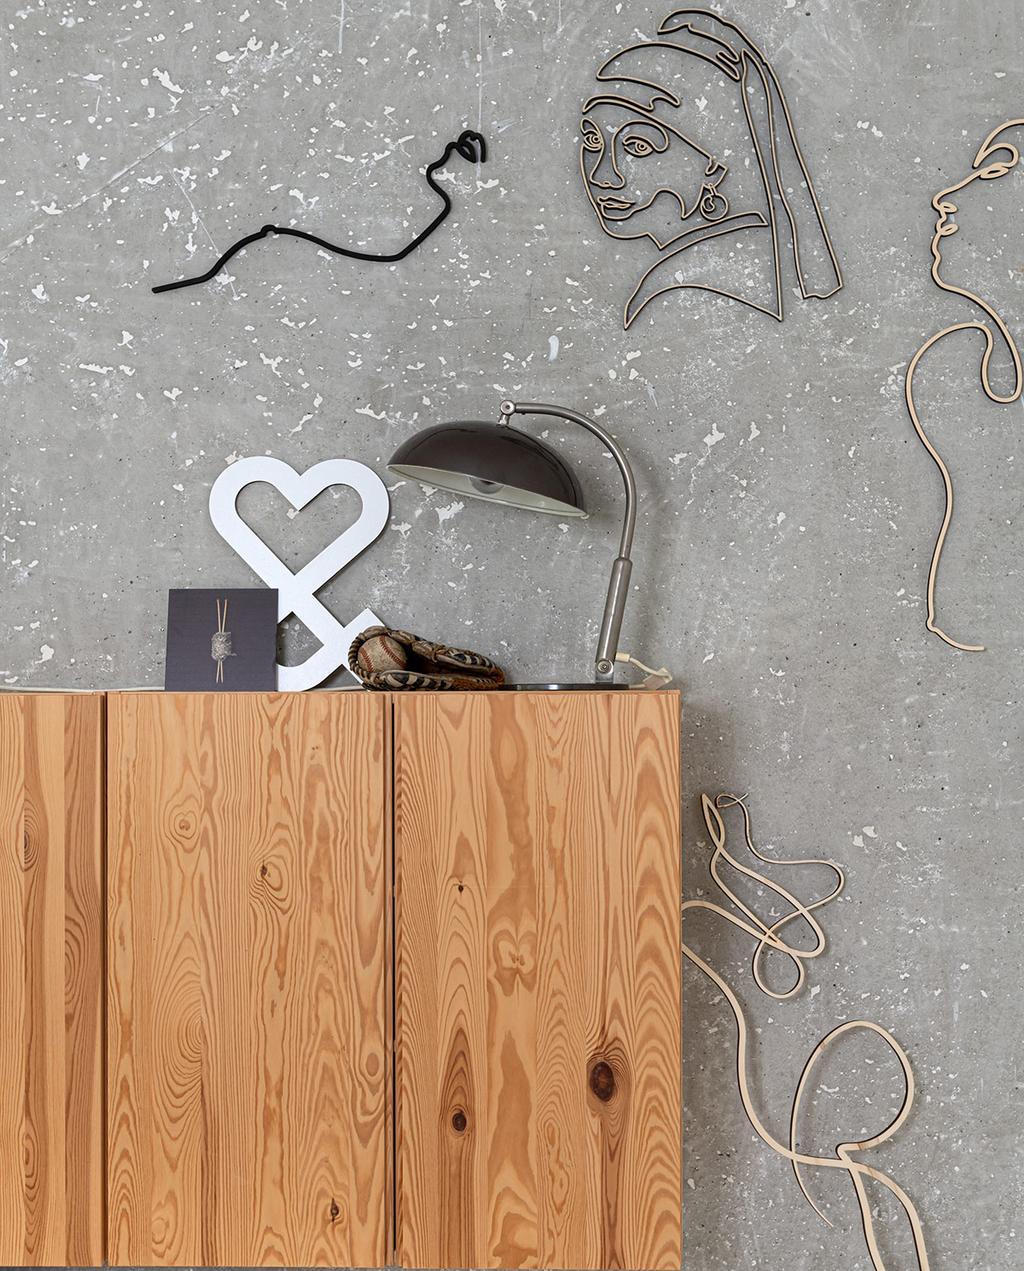 vtwonen 04-2021 | zelfgemaakte kast met verschillende kunstwerken aan de muur